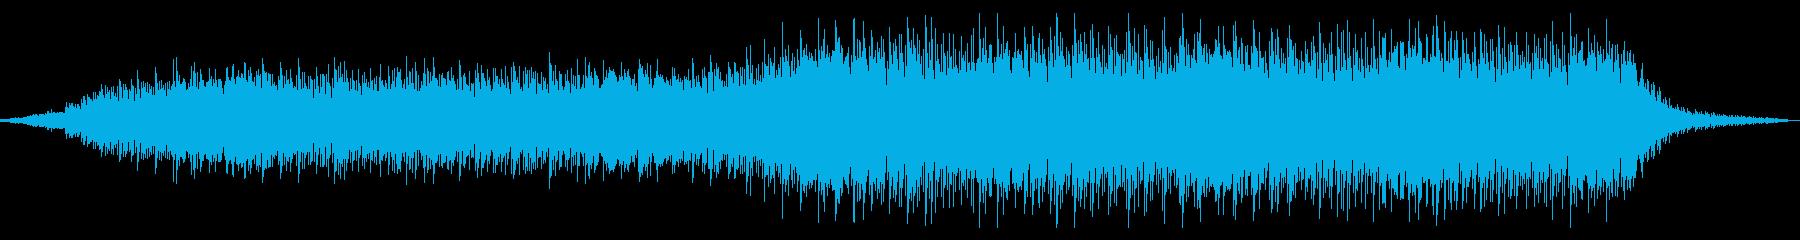 浮遊感溢れるサウンドですの再生済みの波形